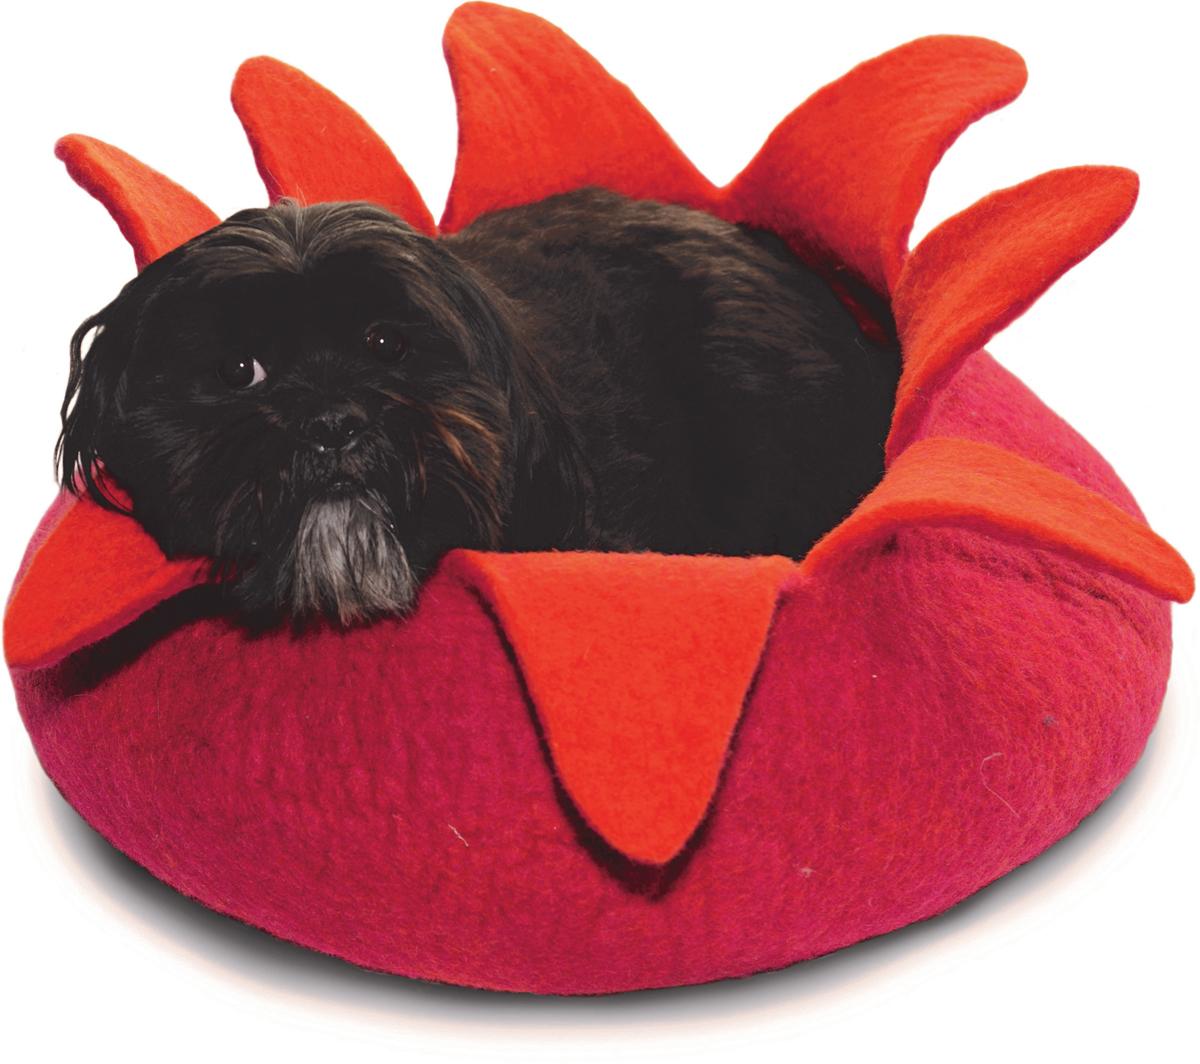 Корзина для животных Dharma Dog Karma Cat Лепестки, цвет: розовый, оранжевый, диаметр 20 дюймов20302Домик бренда Dharma Dog Karma Cat идеально подойдет к любому интерьеру!Благодаря своей форме, они обеспечивают безопасное и теплое убежище, и помогают питомцу чувствовать себя в безопасности. Гималайская шерсть, используемая при изготовлении домиков, не очищается химически, поэтому в ней содержится много ланолина. Ланолин - это натуральное масло, уникальное для шерсти овец, ведь его запах напоминает кошкам запах их матери. Масло ланолина полезно для подушечек лап и помогает сохранить шерсть здоровой и блестящей!Техника изготовления продукции бренда Dharma Dog Karma Cat называется «Мокрый войлок» - она включает в себя натуральное мыло, воду, шерсть и только натуральные нетоксичные красители.Все изделия изготавливаются вручную в Непале. Каждая покупка поддерживает труд ремесленников и их семьи, помогая сохранить традиции древнего ремесла.Инструкция по уходу прилагается к каждому изделию.